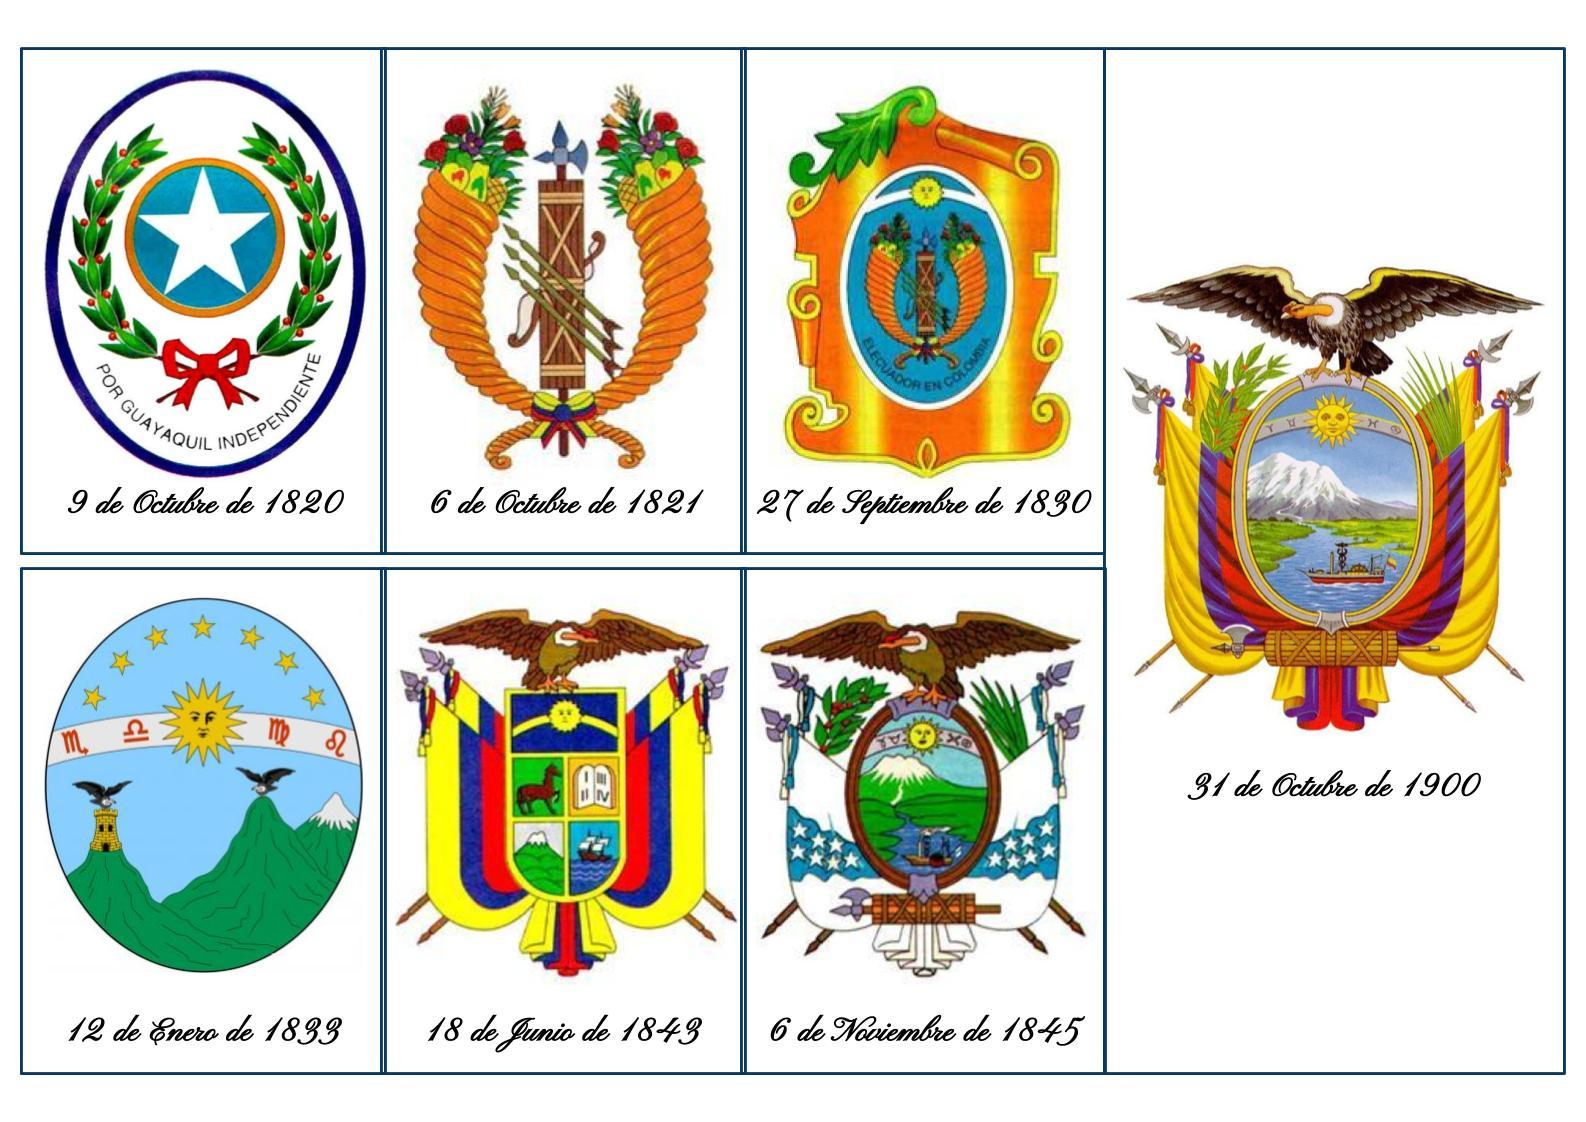 Lamina escudo historia ecuador 1820 1830 1833 1843 1845 1900 eloy alfaro 31 octubre